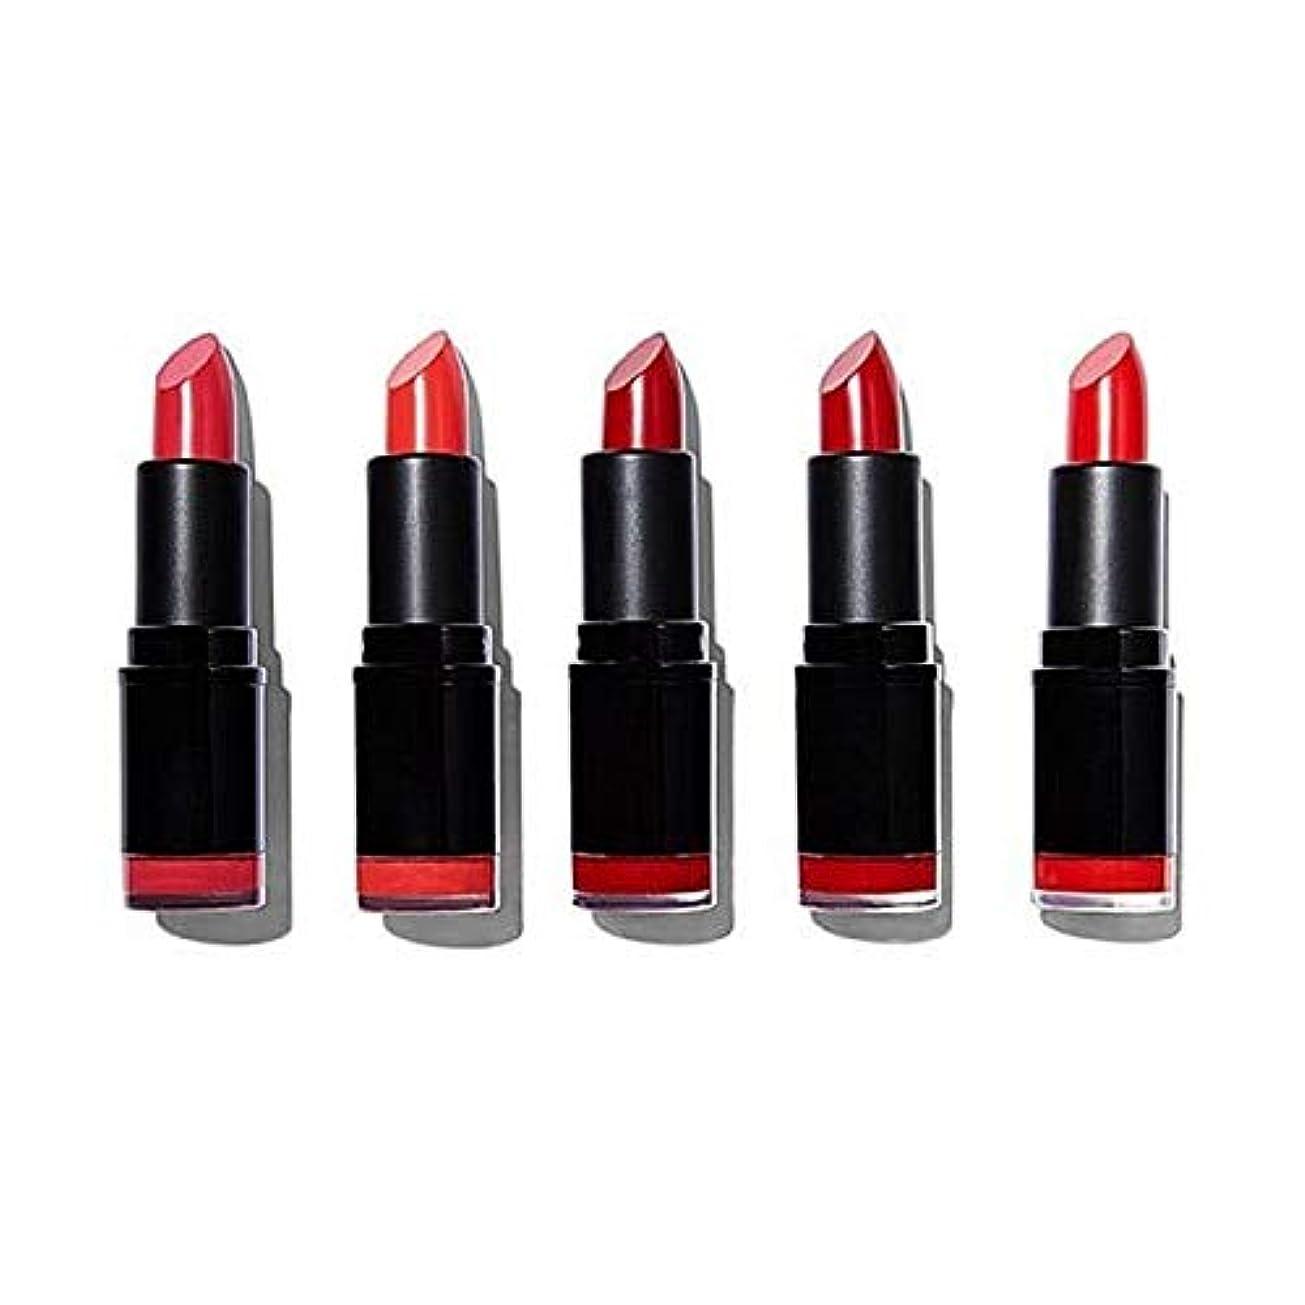 冒険者目的見習い[Revolution ] 革命プロ口紅のコレクション赤 - Revolution Pro Lipstick Collection Reds [並行輸入品]